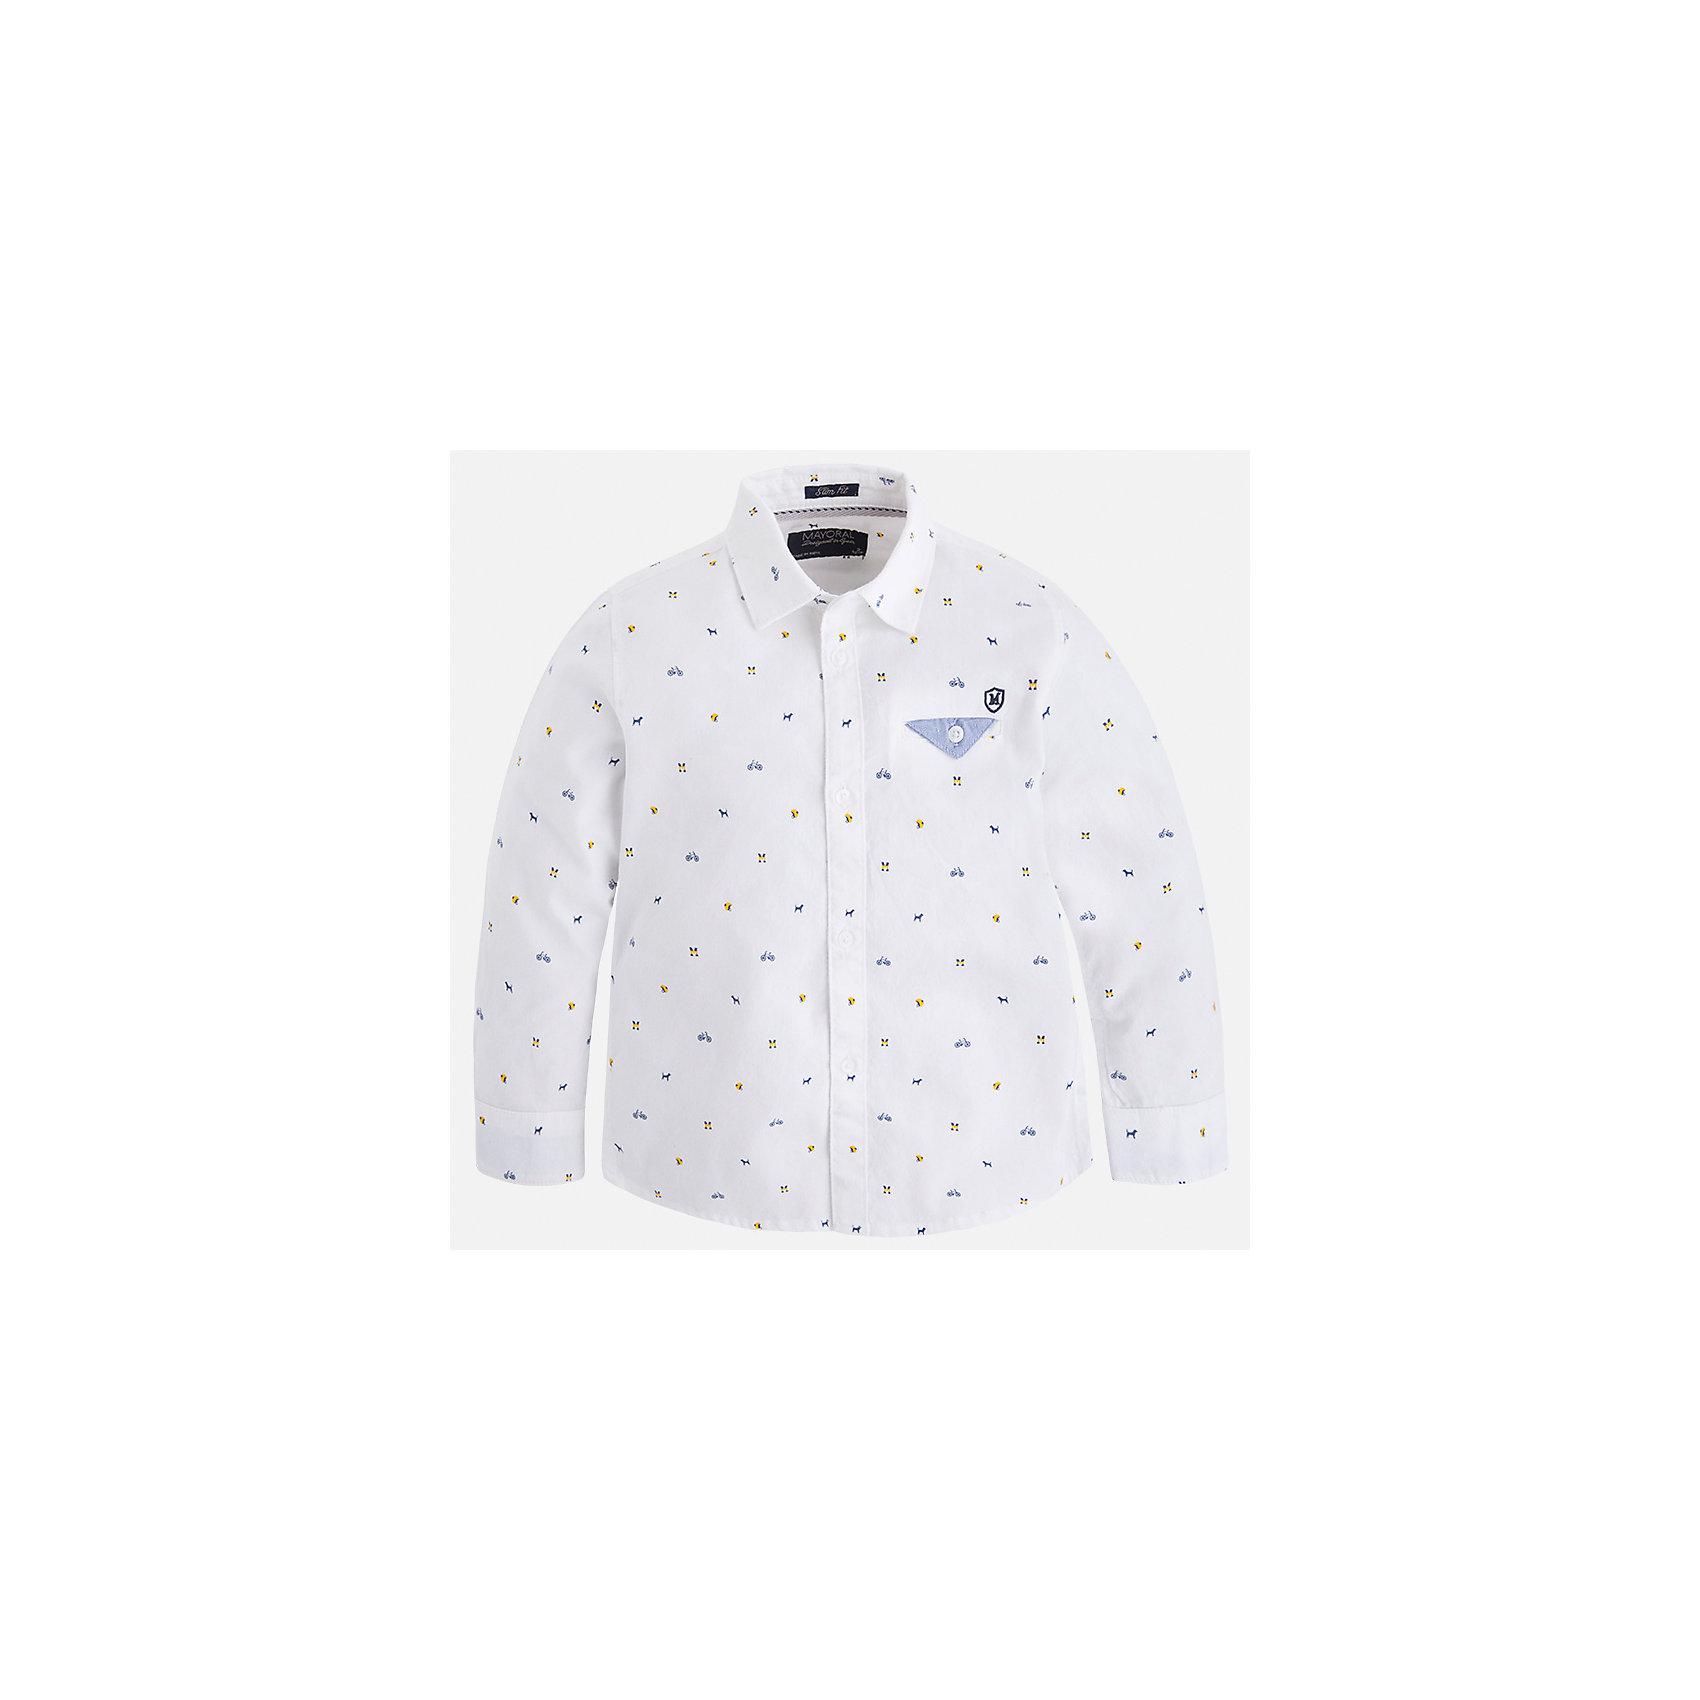 Рубашка Mayoral для мальчикаБлузки и рубашки<br>Характеристики товара:<br><br>• цвет: белый<br>• состав ткани: 100% хлопок<br>• сезон: демисезон<br>• особенности модели: школьная<br>• застежка: пуговицы<br>• длинные рукава<br>• страна бренда: Испания<br>• страна изготовитель: Индия<br><br>Эта детская рубашка сделана из дышащего приятного на ощупь материала. Благодаря продуманному крою детской рубашки создаются комфортные условия для тела. Рубашка с длинным рукавом для мальчика отличается стильным продуманным дизайном.<br><br>Рубашку для мальчика Mayoral (Майорал) можно купить в нашем интернет-магазине.<br><br>Ширина мм: 174<br>Глубина мм: 10<br>Высота мм: 169<br>Вес г: 157<br>Цвет: белый<br>Возраст от месяцев: 96<br>Возраст до месяцев: 108<br>Пол: Мужской<br>Возраст: Детский<br>Размер: 134,92,98,104,110,116,122,128<br>SKU: 6934102